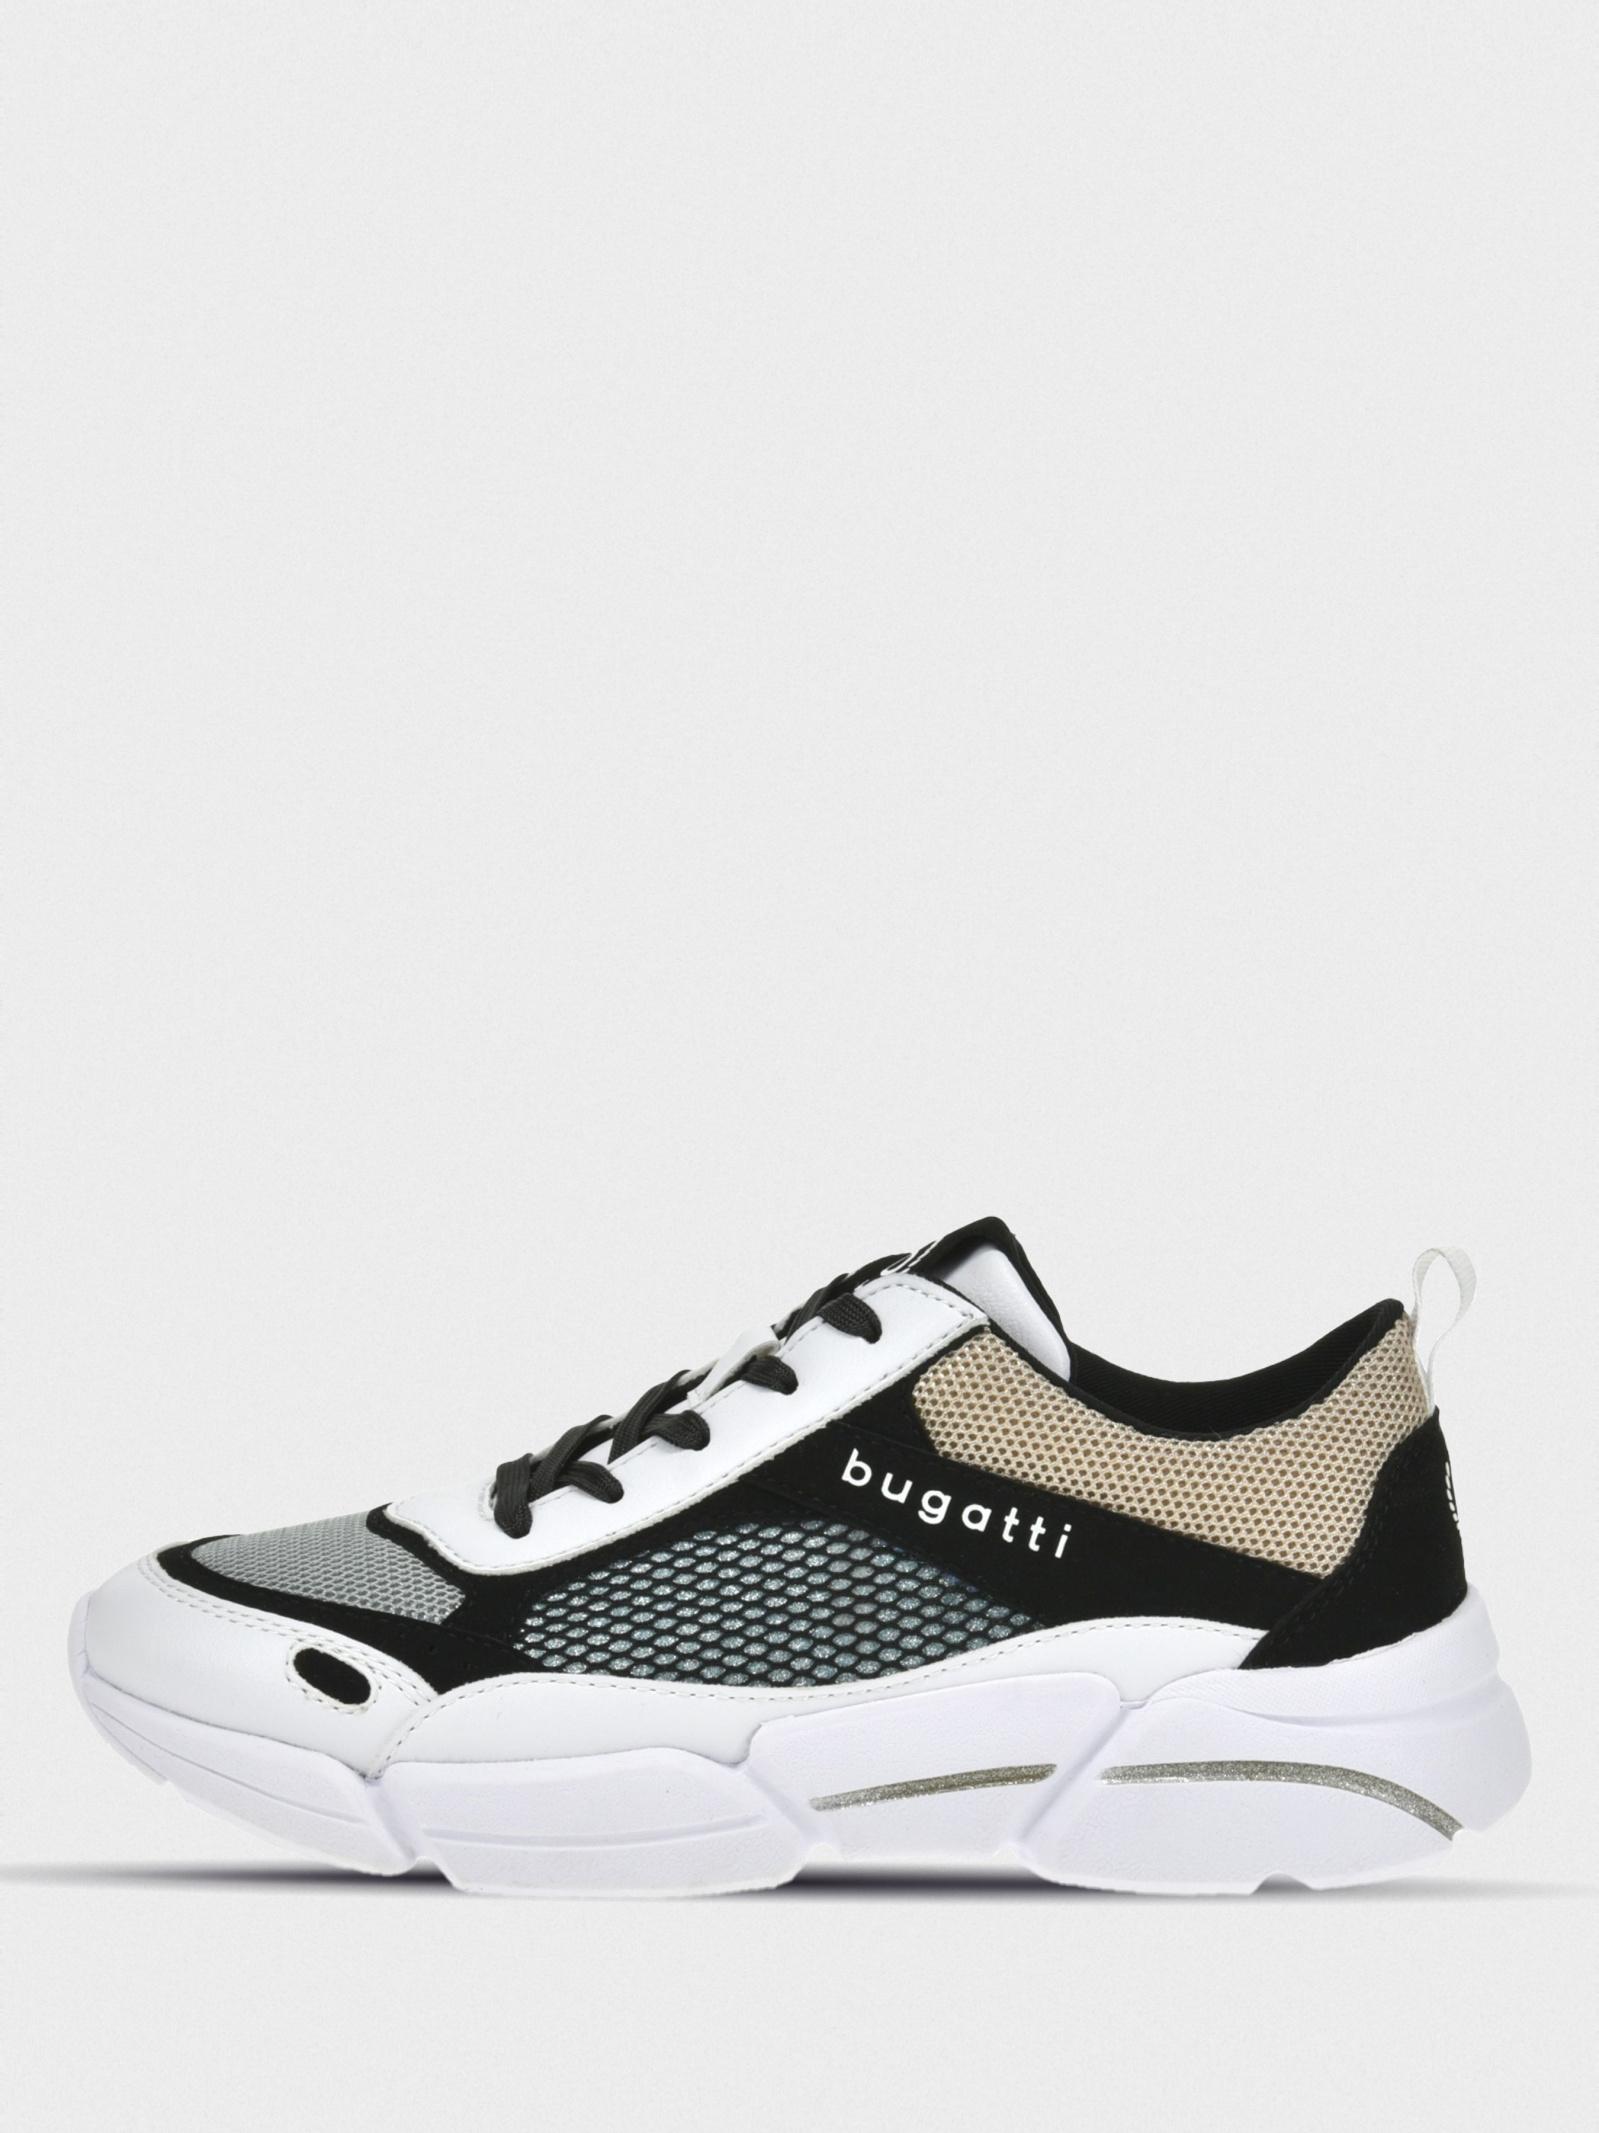 Кроссовки для женщин Bugatti sneakers YE156 Заказать, 2017